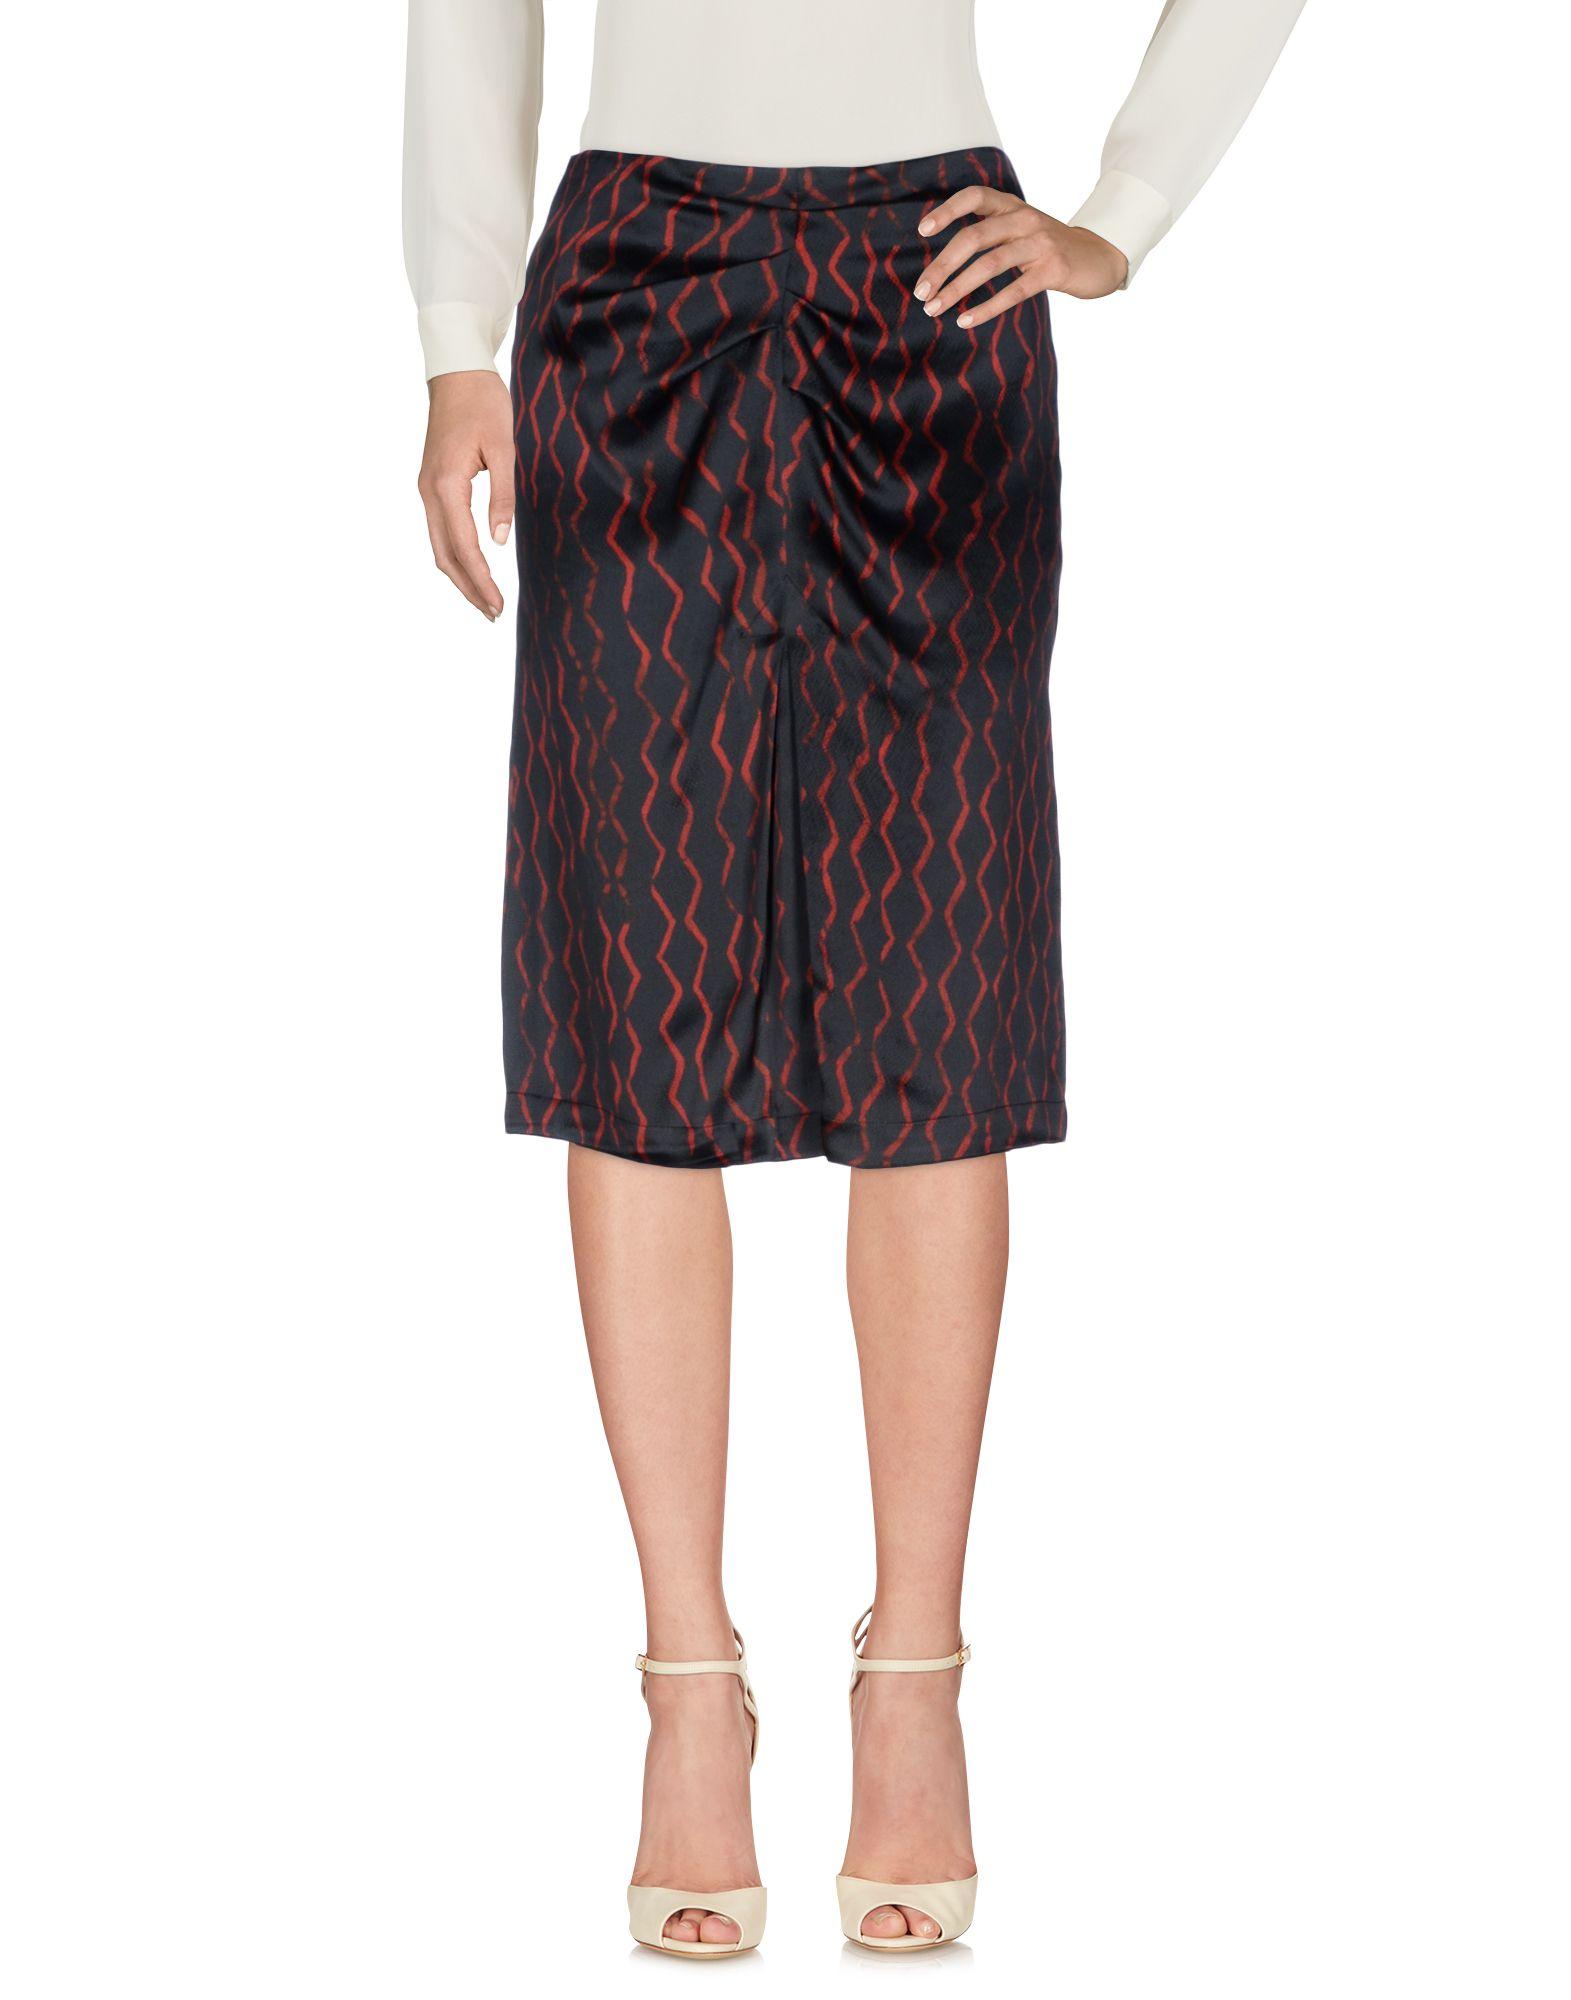 cb9441e78c Isabel Marant 3/4 Length Skirt - Women Isabel Marant 3/4 Length ...